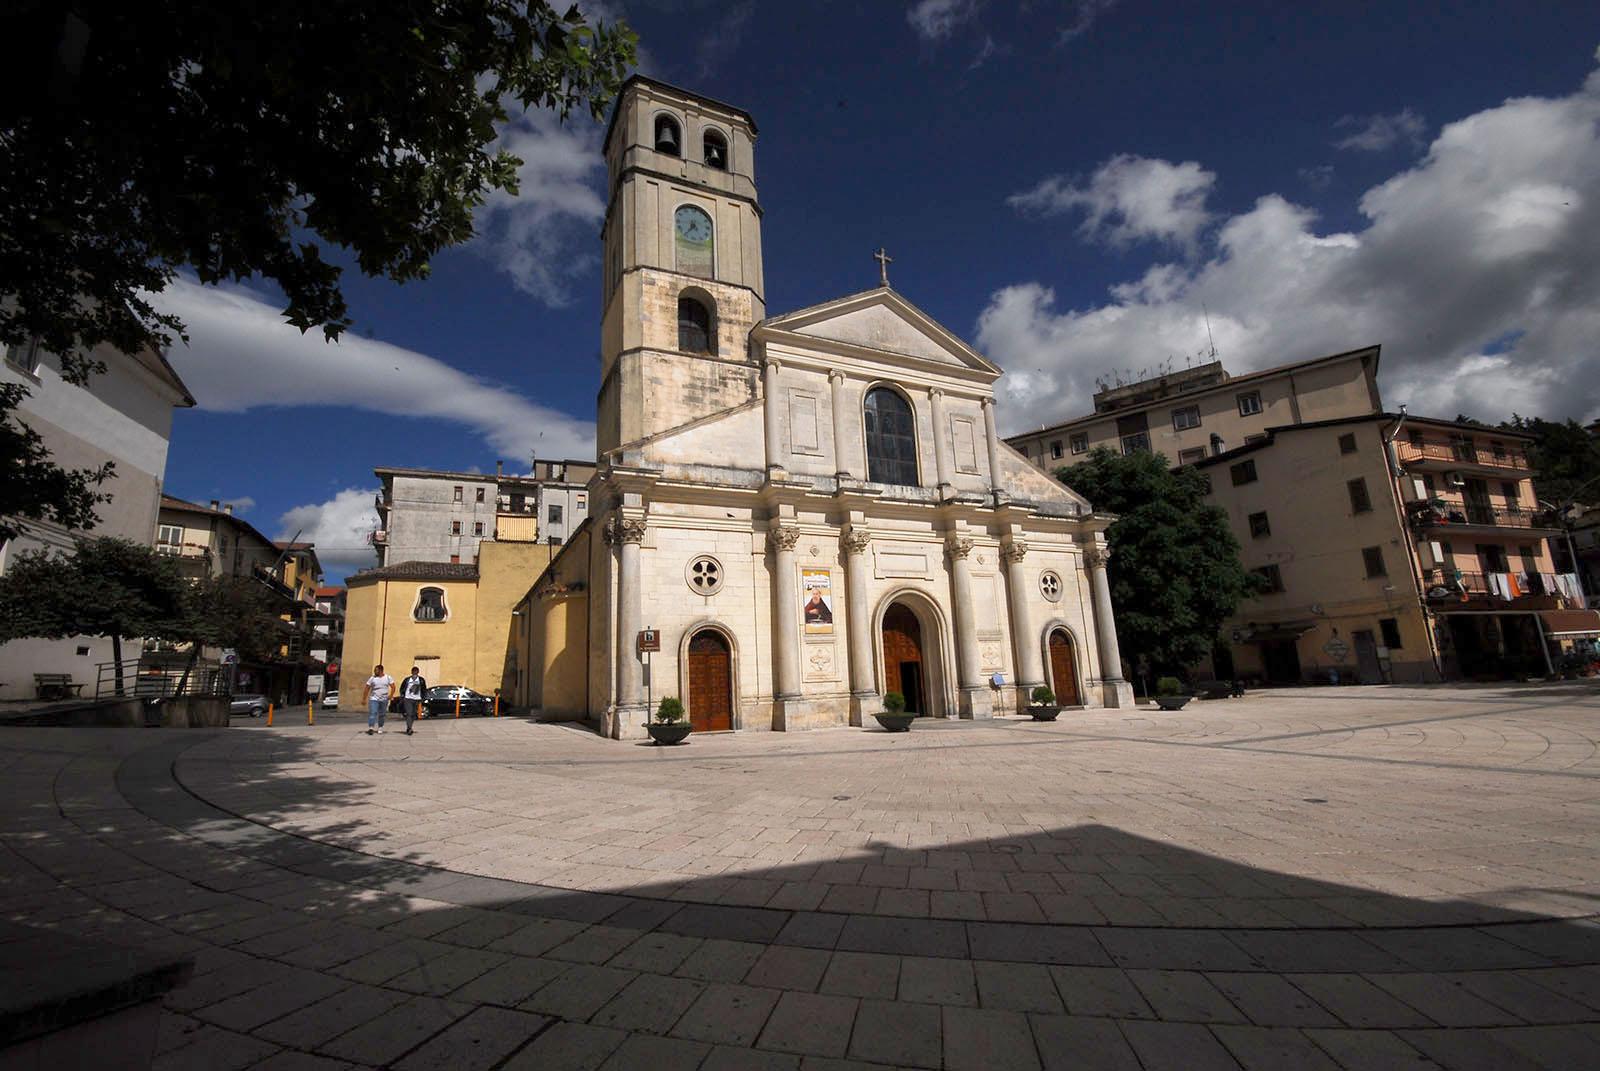 Cammino Basiliano 11 San Demetrio Corone - Acri